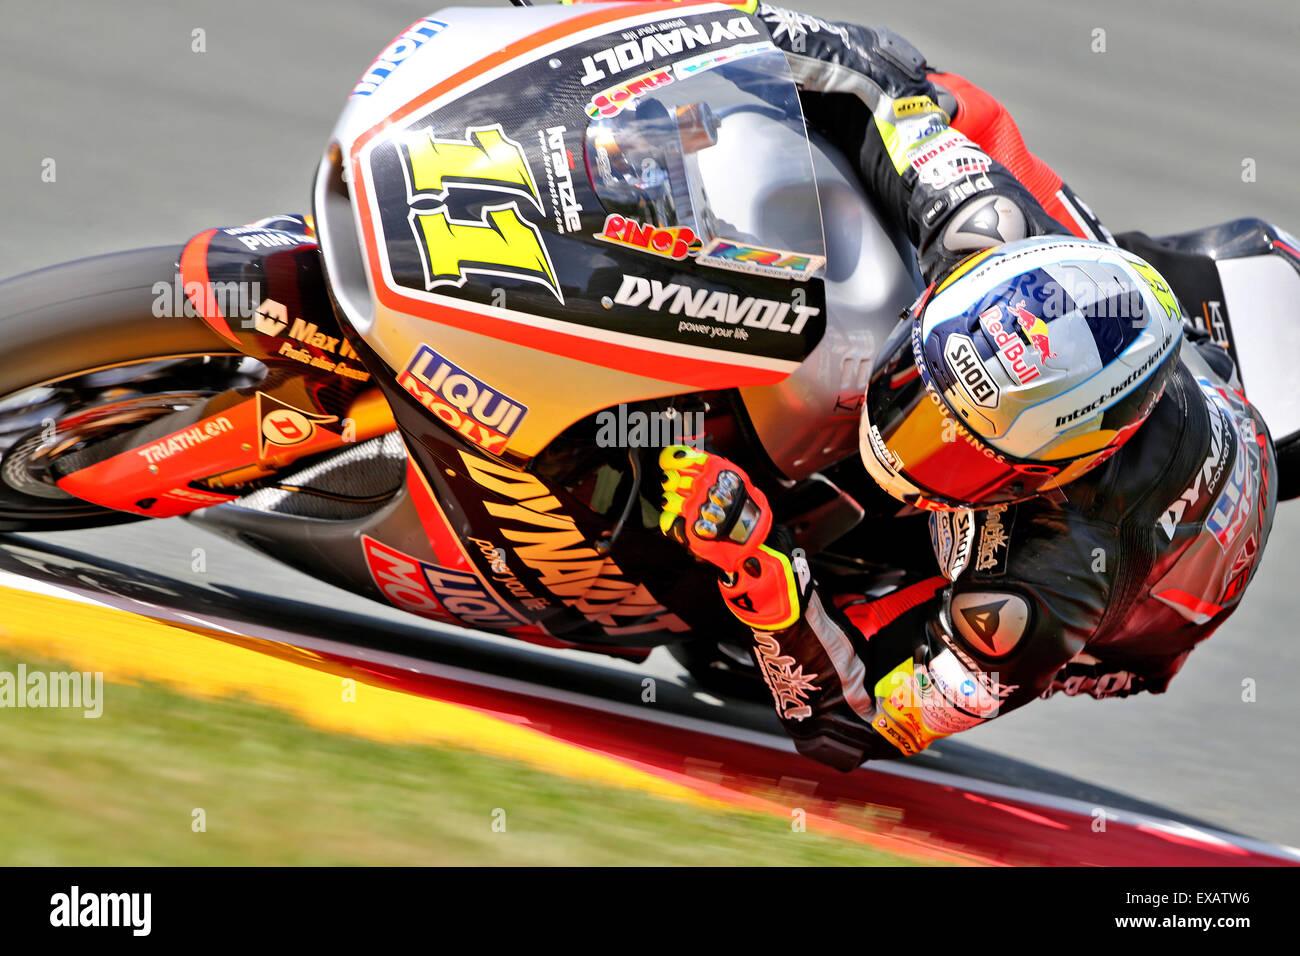 Hohenstein-Ernstthal, Deutschland. 10. Juli 2015. Deutsche Moto2-Pilot Sandro Cortese Team Dynavolt intakt GP im Stockbild